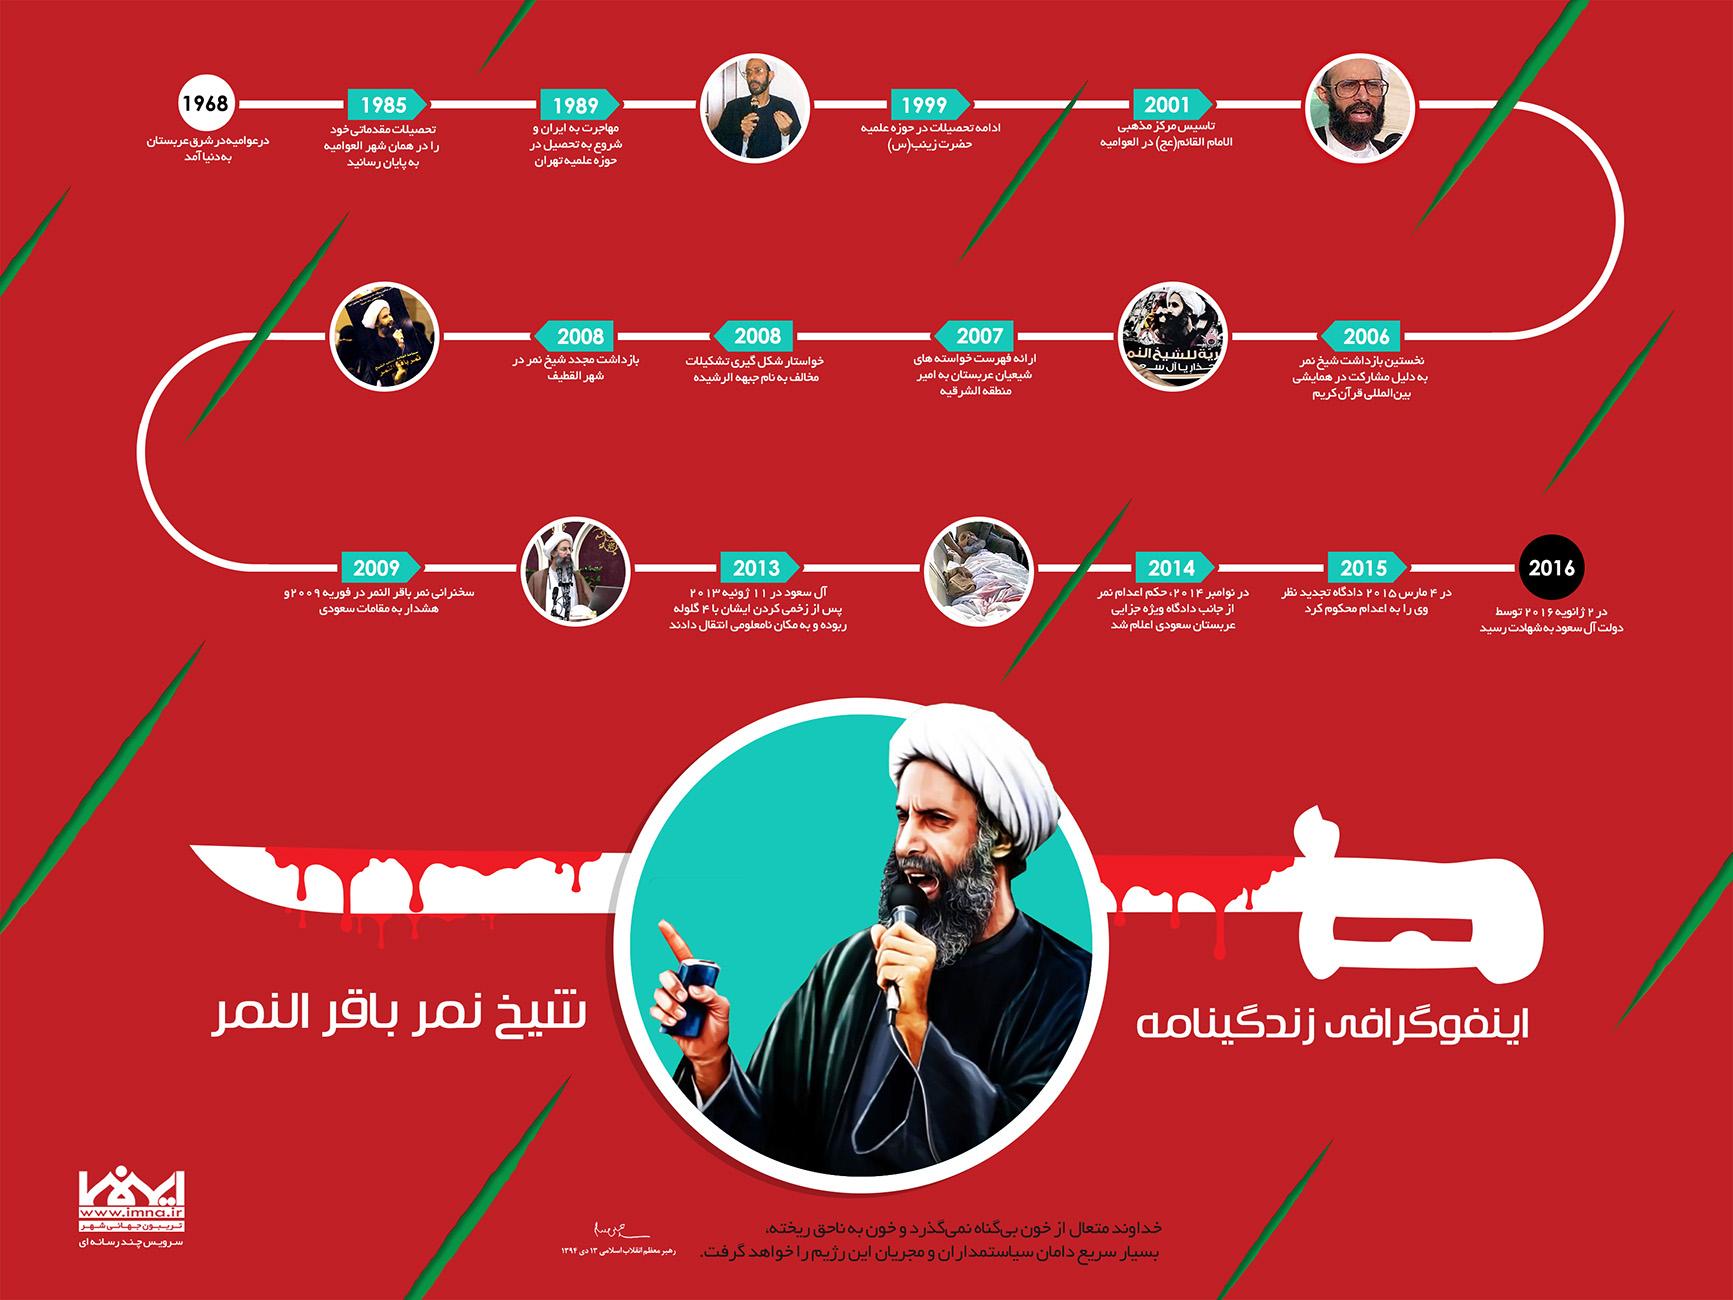 اینفوگرافیک شیخ نمر